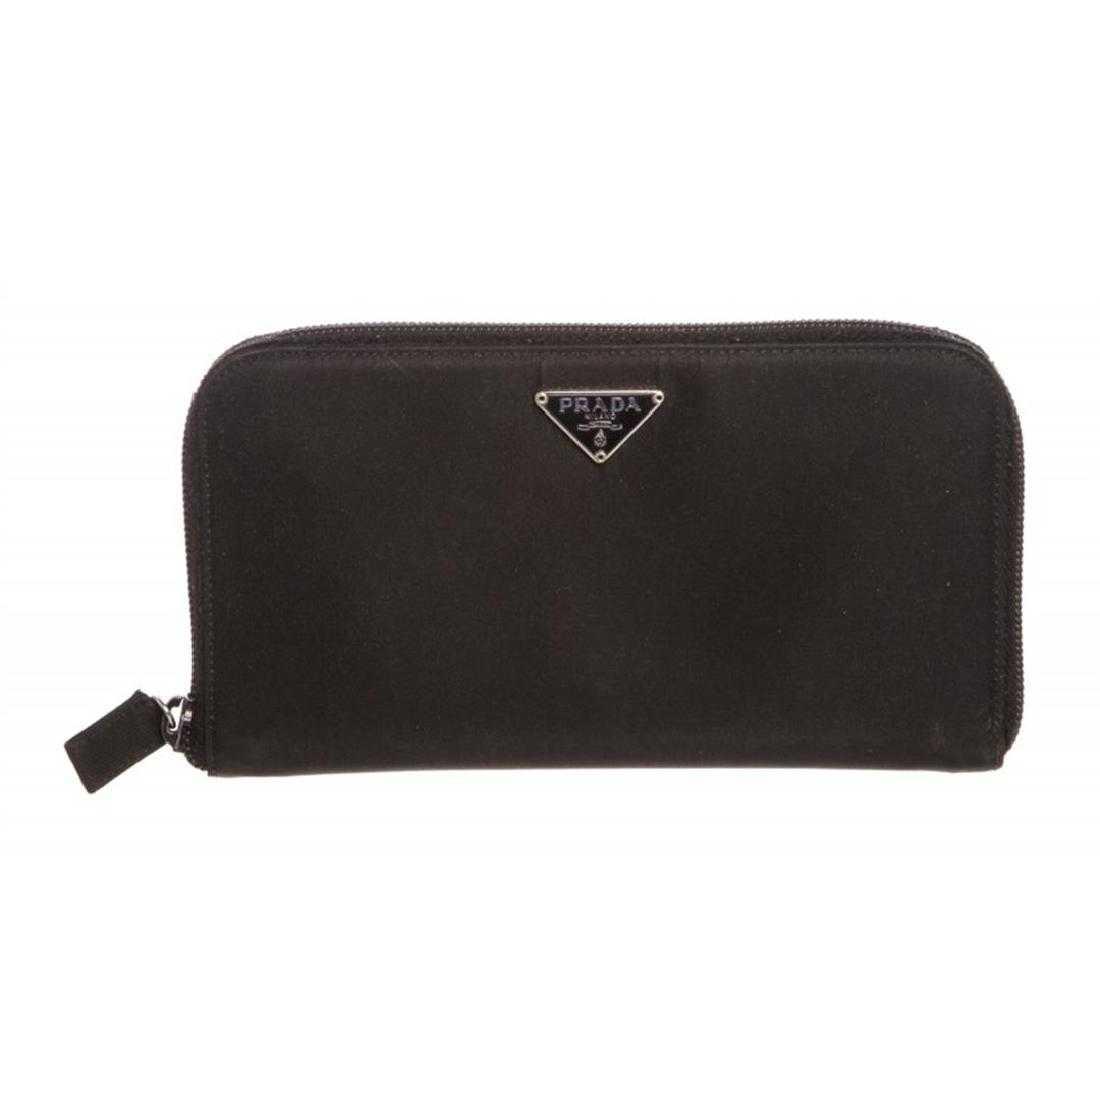 b8f881f3b96fbb Prada Black Nylon Leather Zipper Wallet